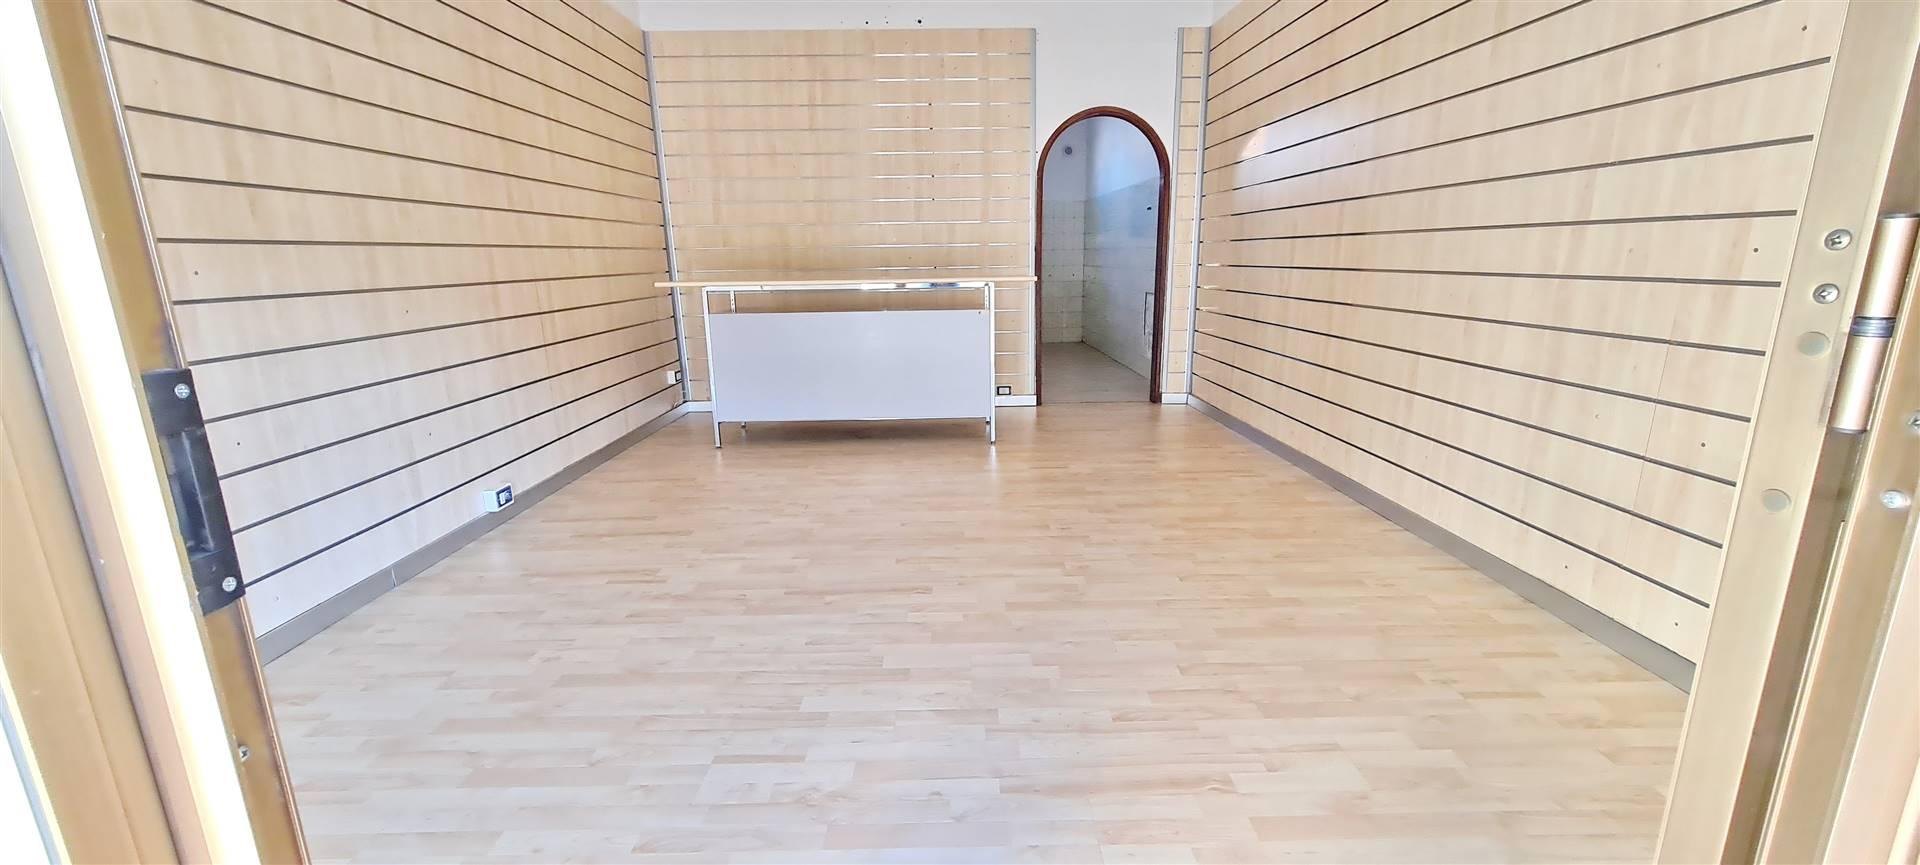 FORMIA, Магазин на продажу, Xорошо, Класс энергосбережения: G, состоит из: 1 Помещения, 1 Ванные, Цена: € 33 000